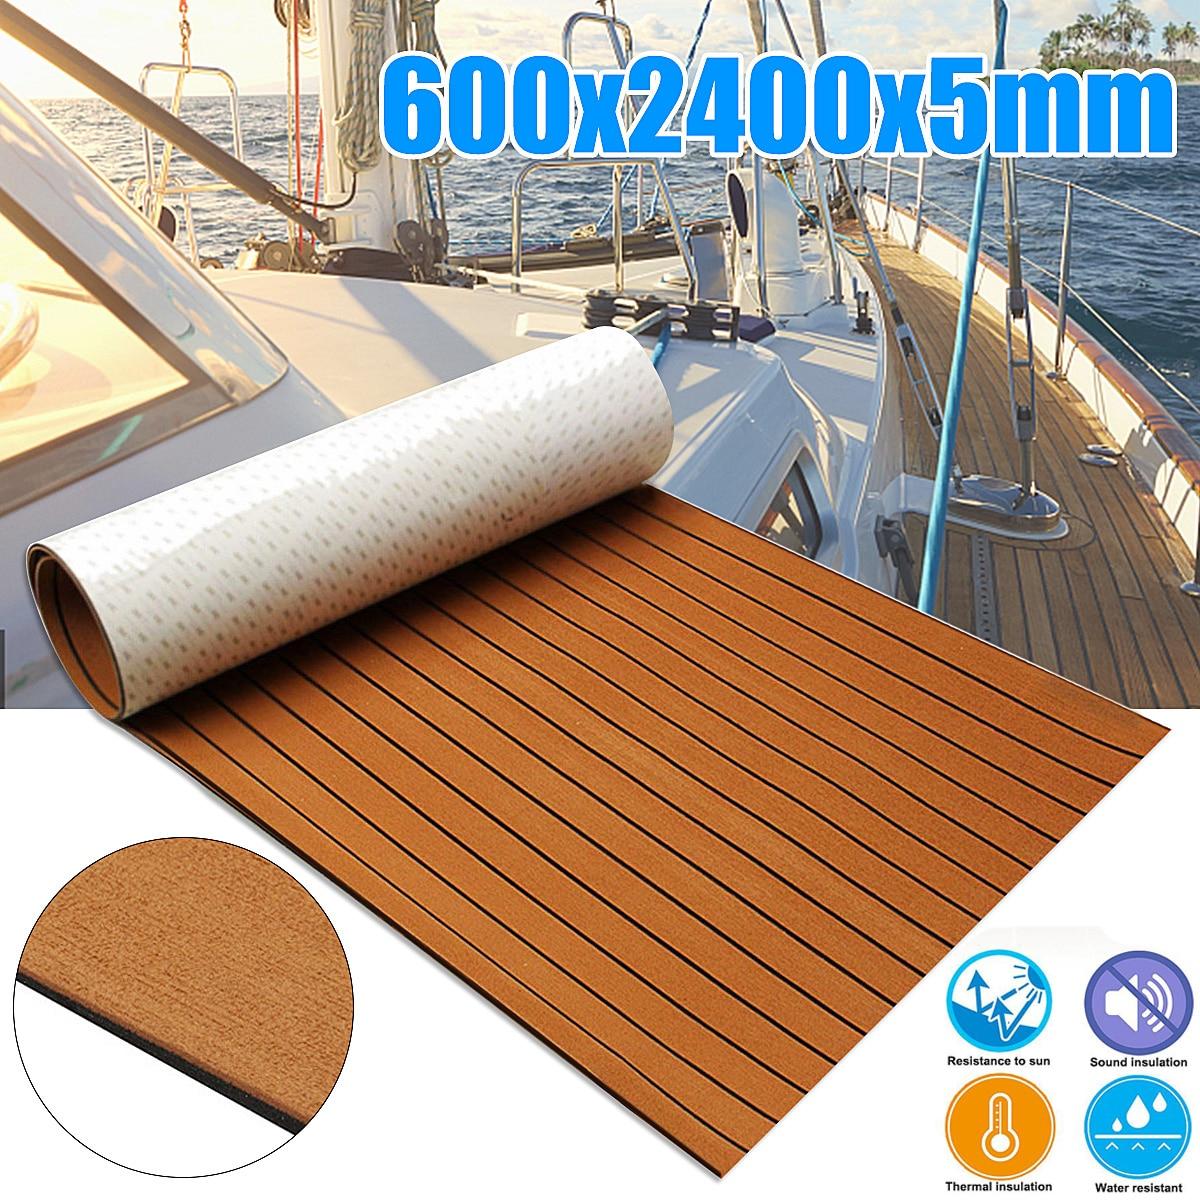 Auto-adhésif 600x2400x5mm mousse teck platelage EVA mousse Marine plancher Faux bateau platelage feuille accessoires Marine marron noir